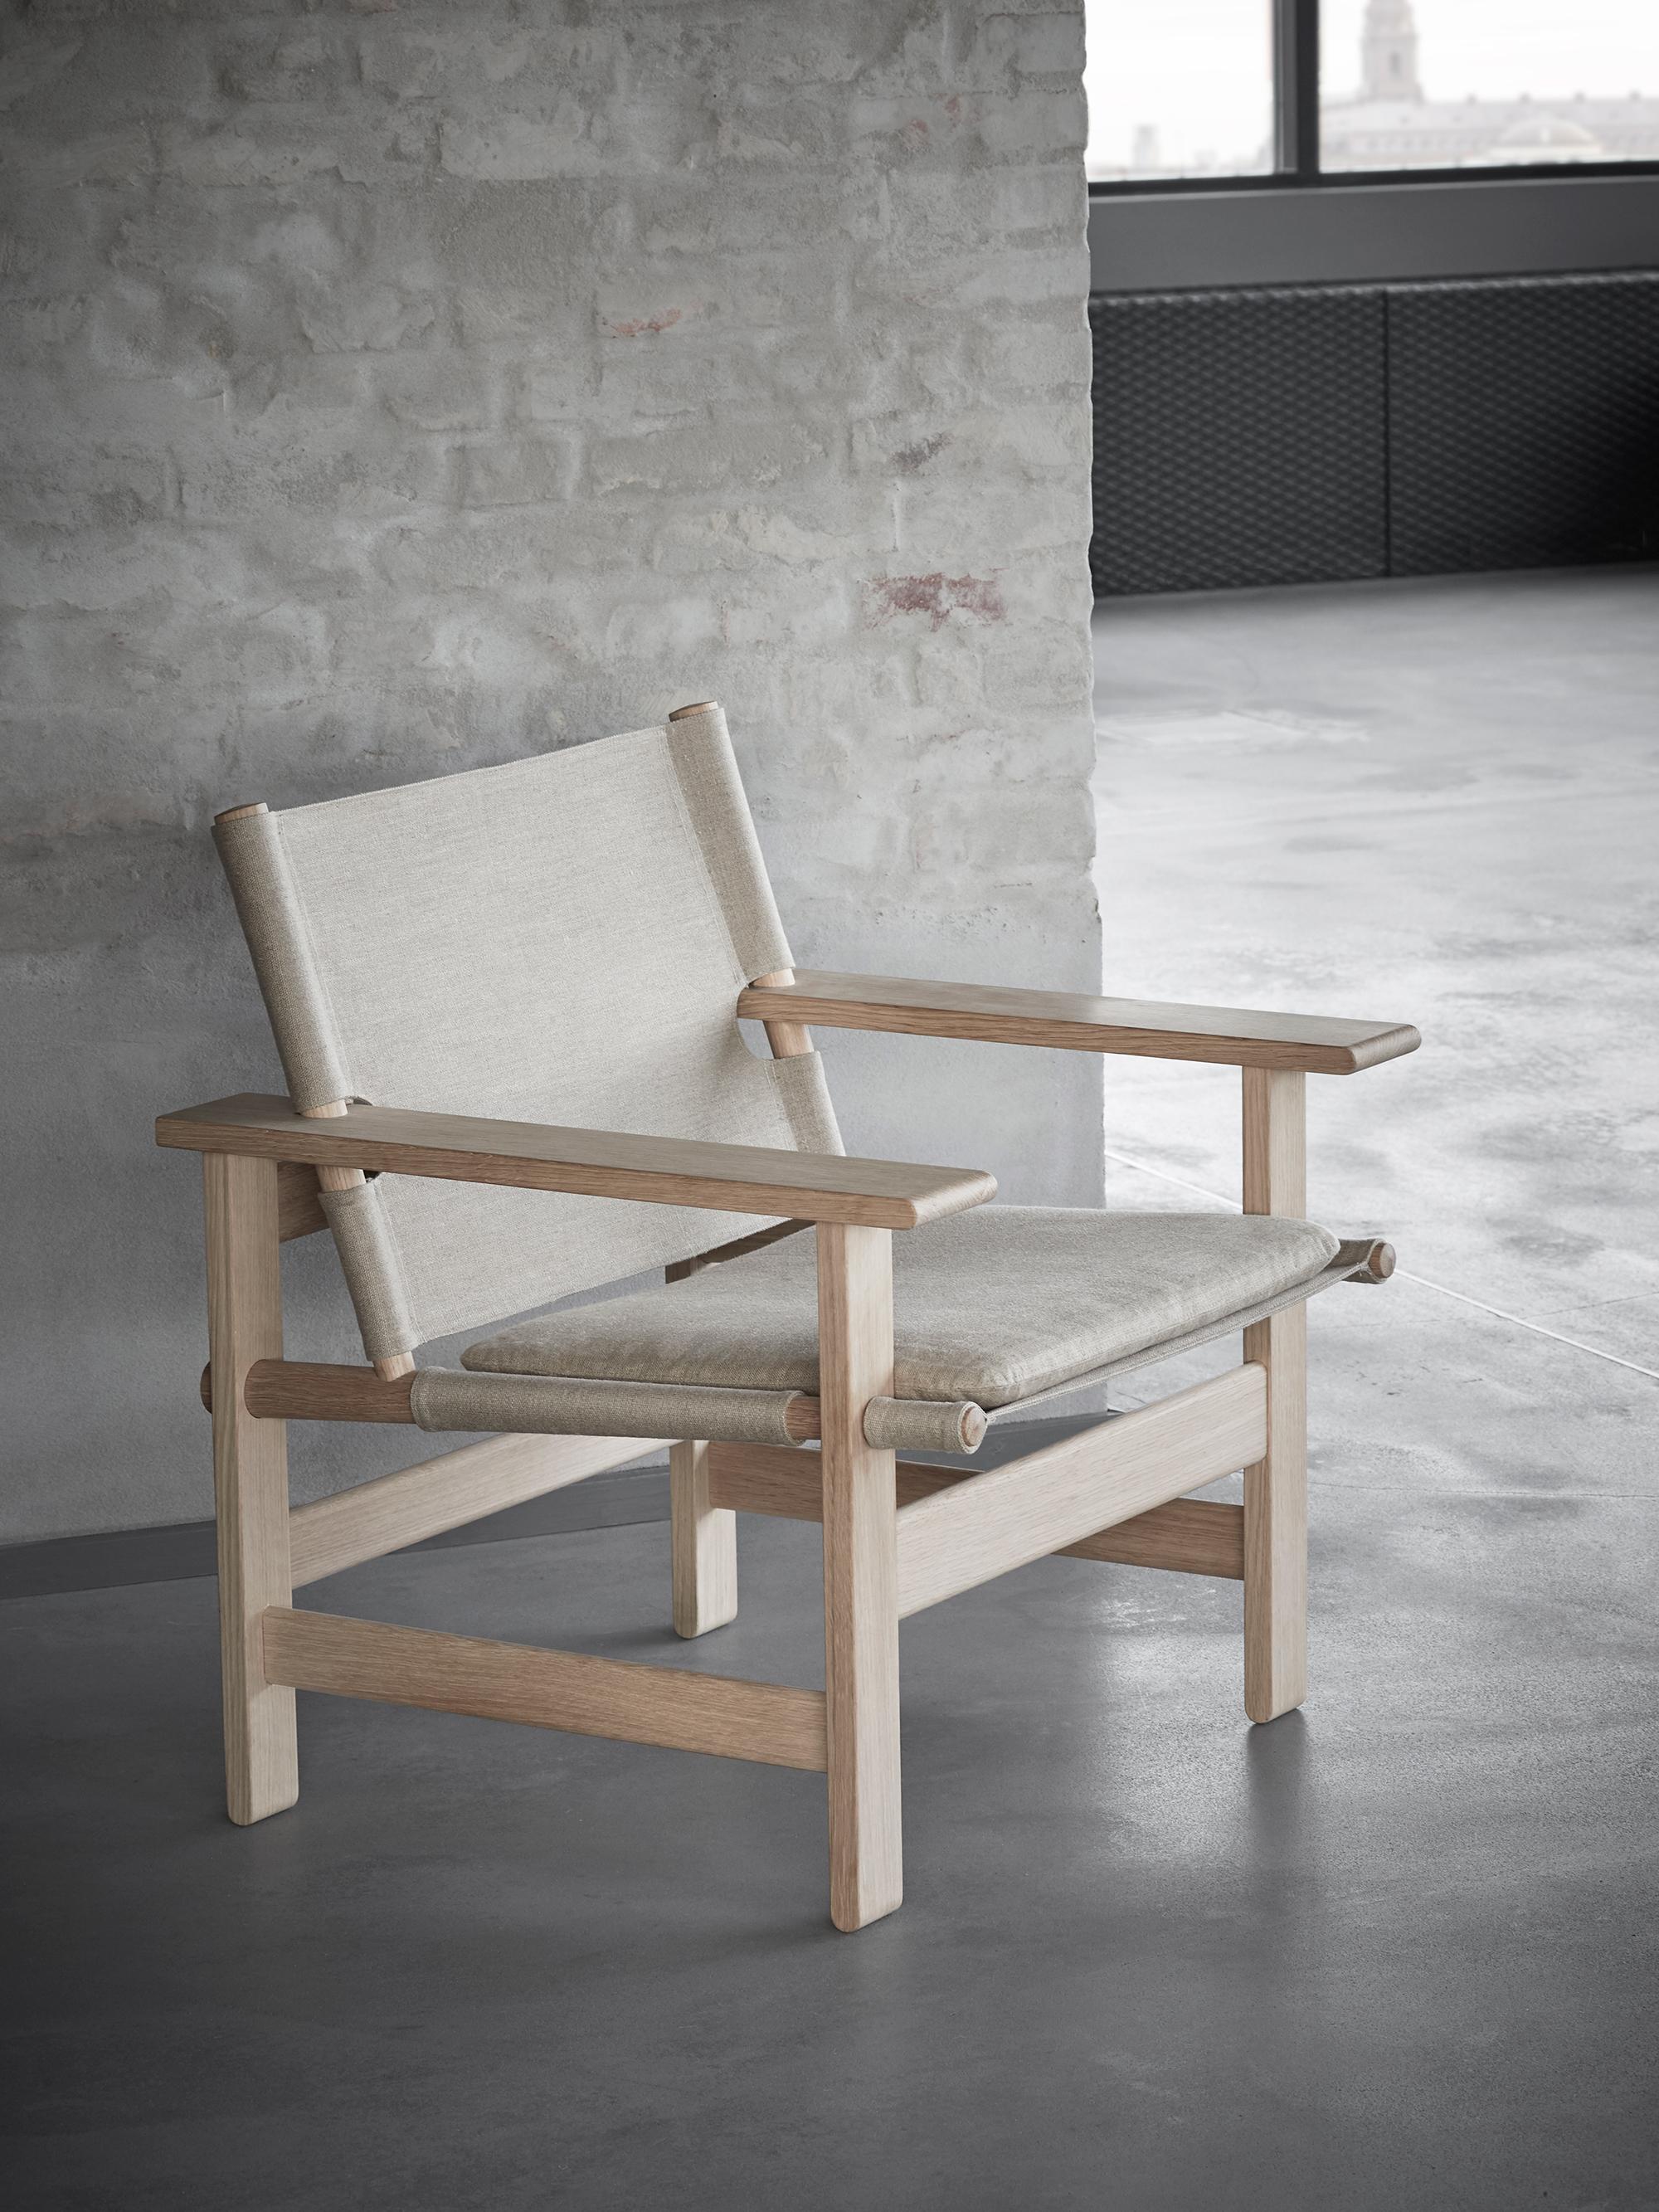 31846_c184b0600b-the_canvas_chair_0219-zoom.jpg